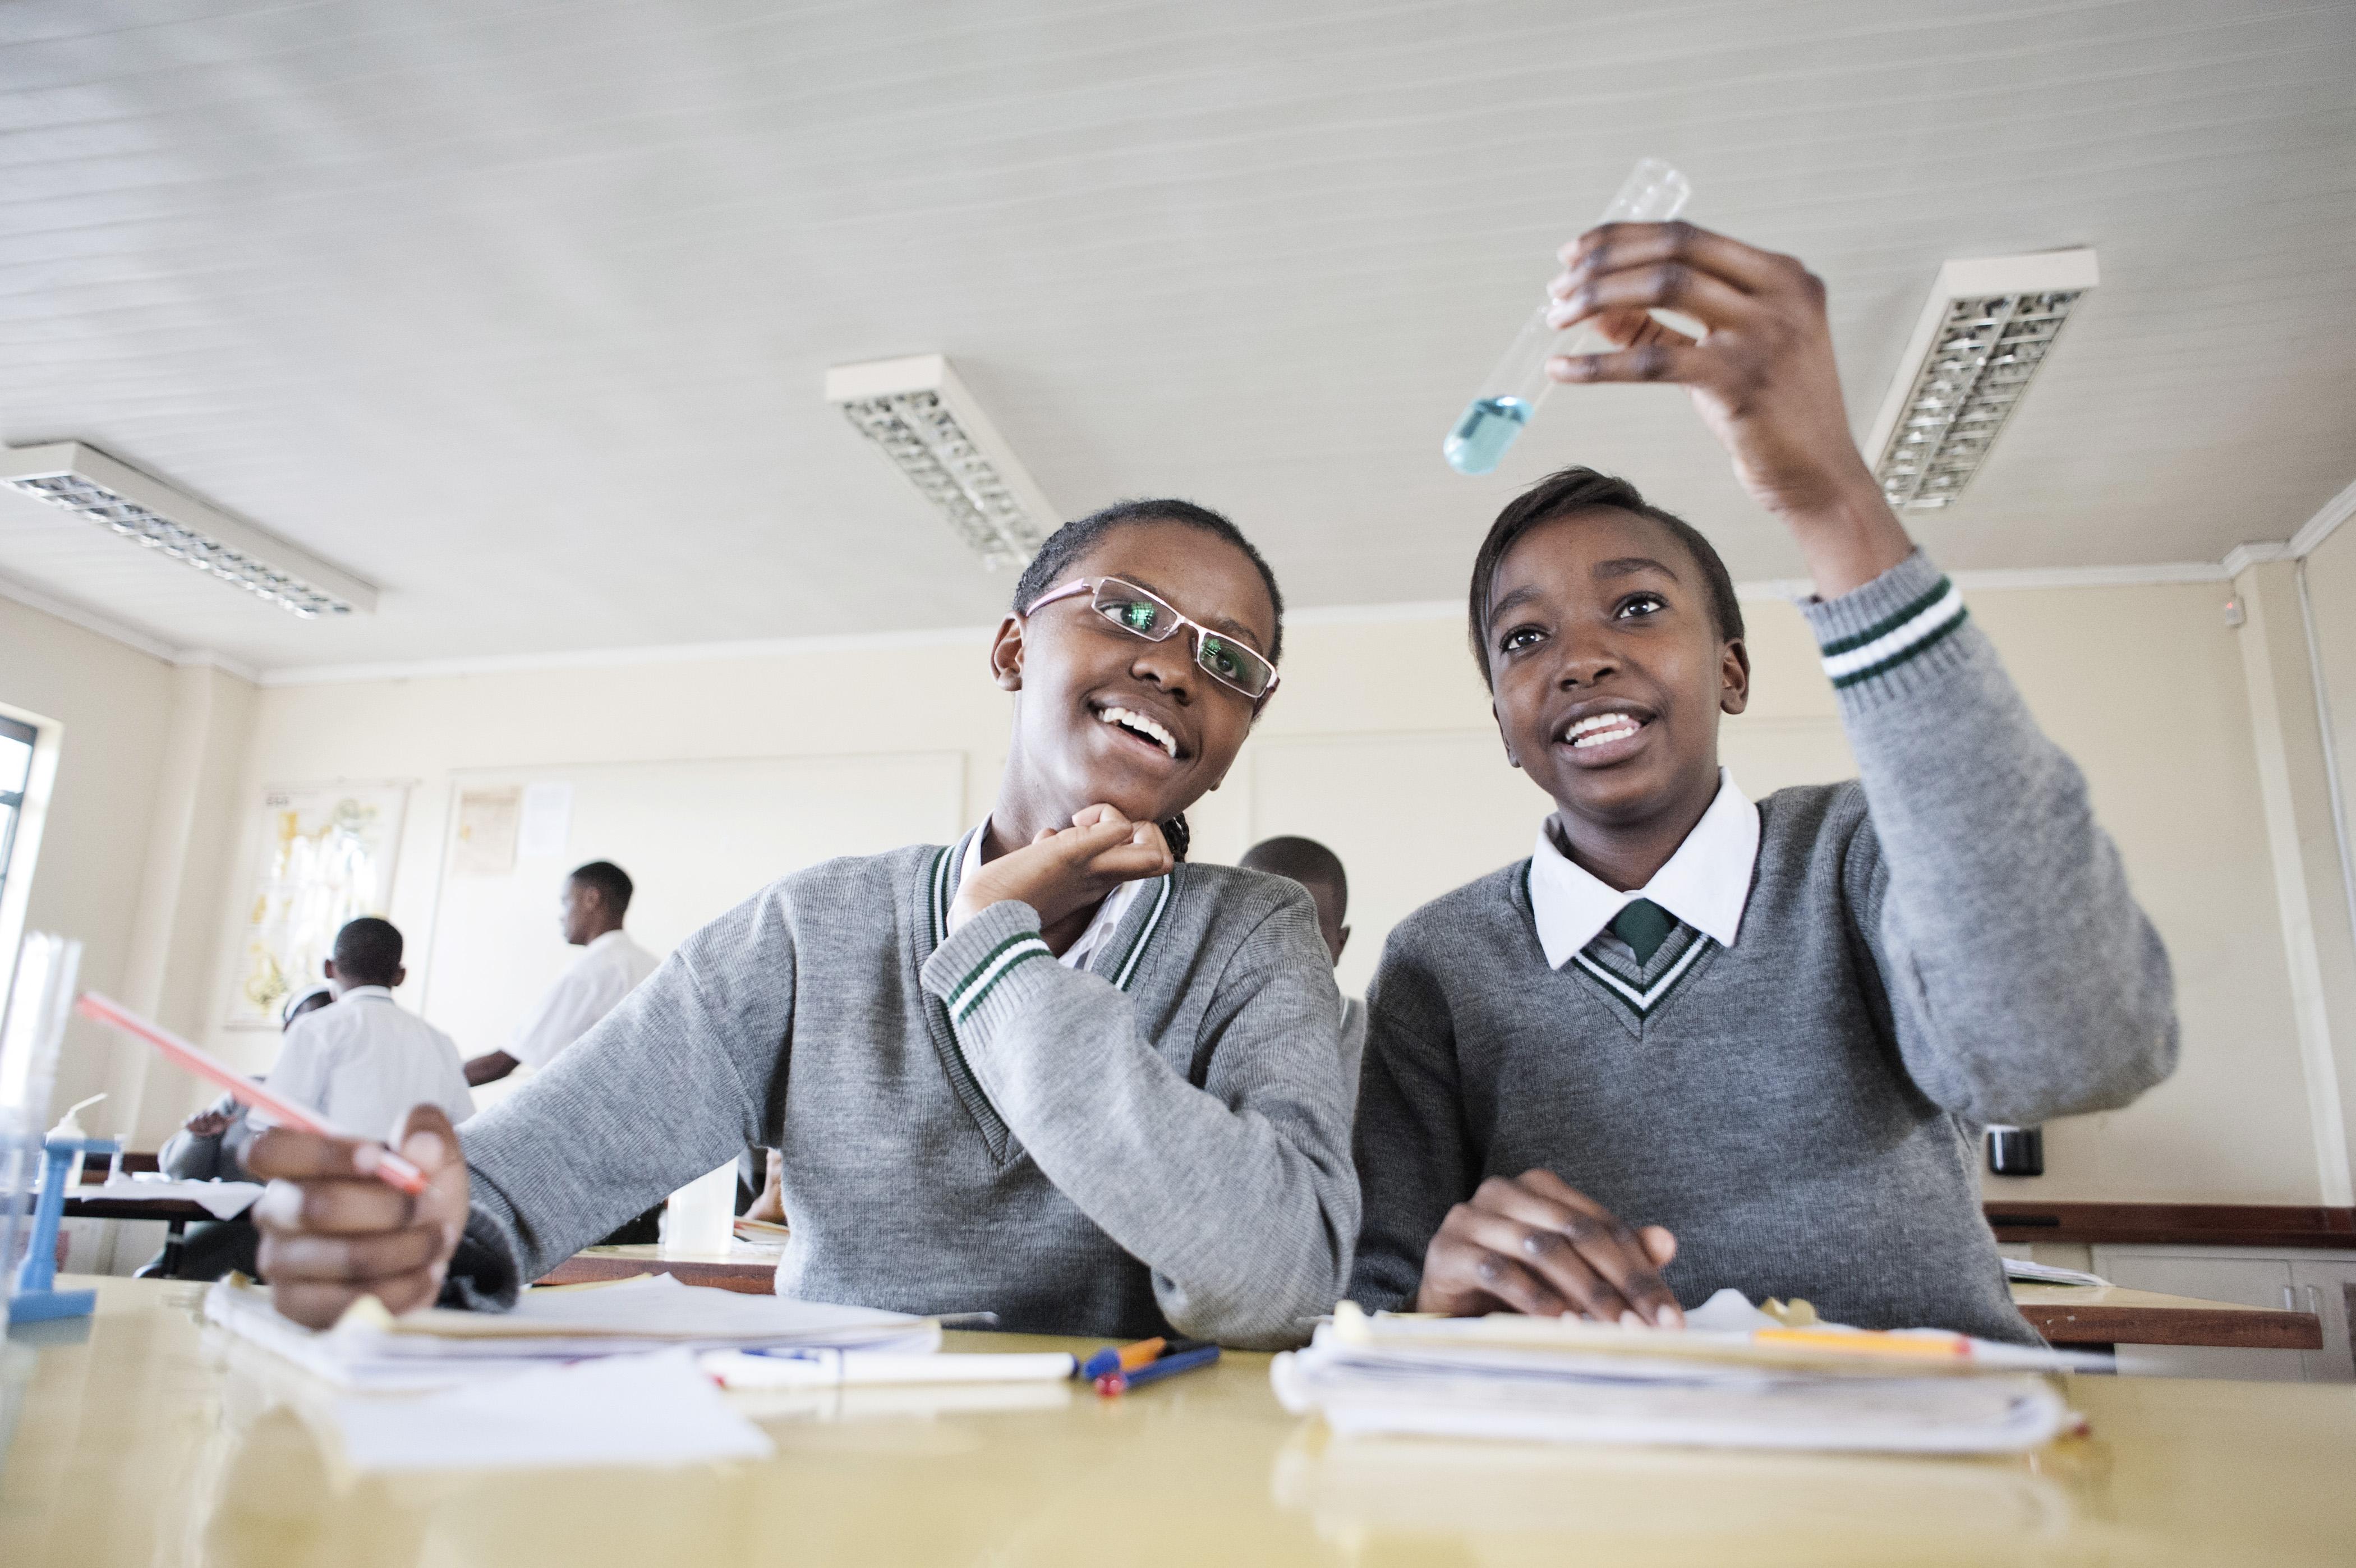 Schoolgirls in Kenya